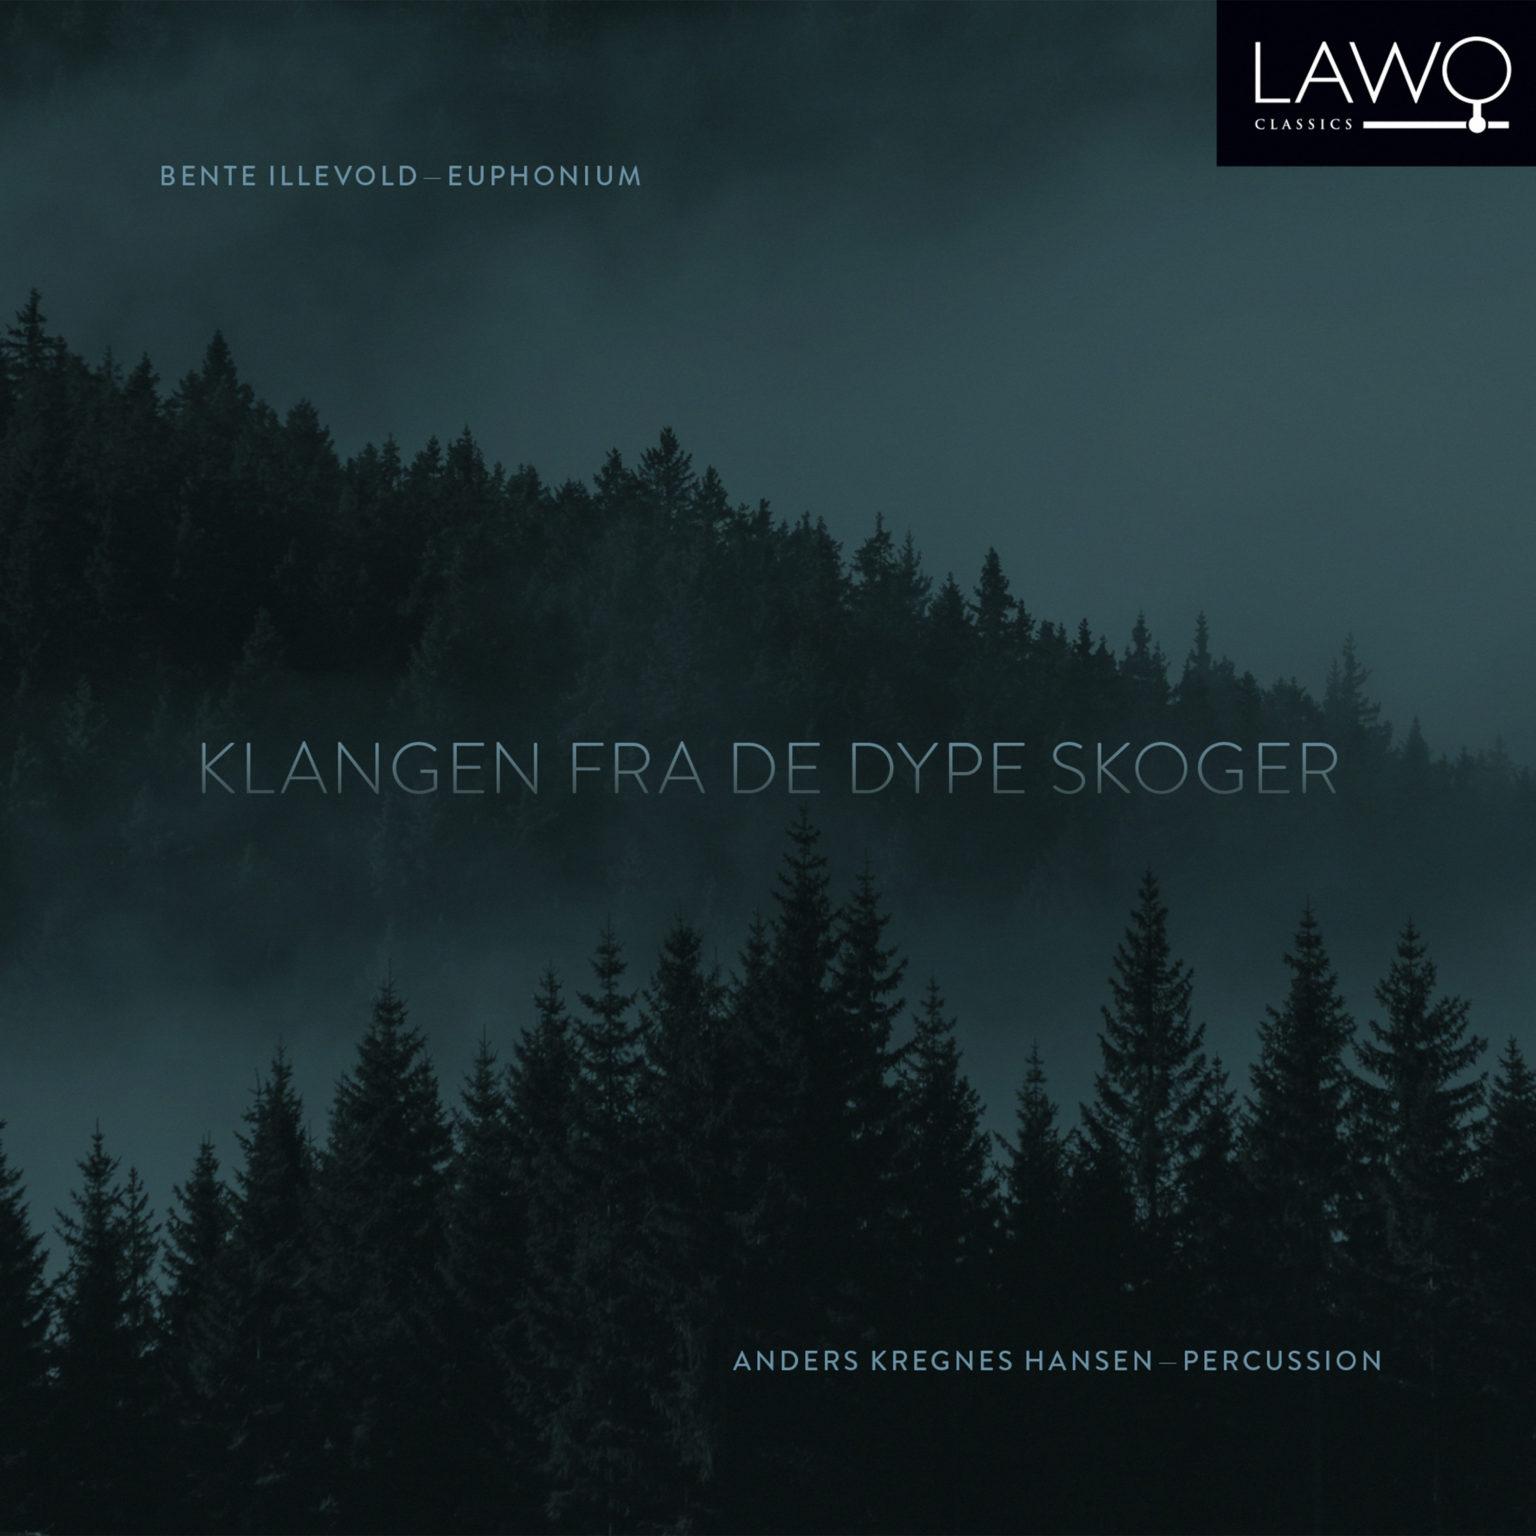 Click image for larger version.  Name:LWC1195_Bente_Illevold_Klangen_fra_de_dype_skoger_cover_3000x3000px-1536x1536.jpg Views:924 Size:174.8 KB ID:7720